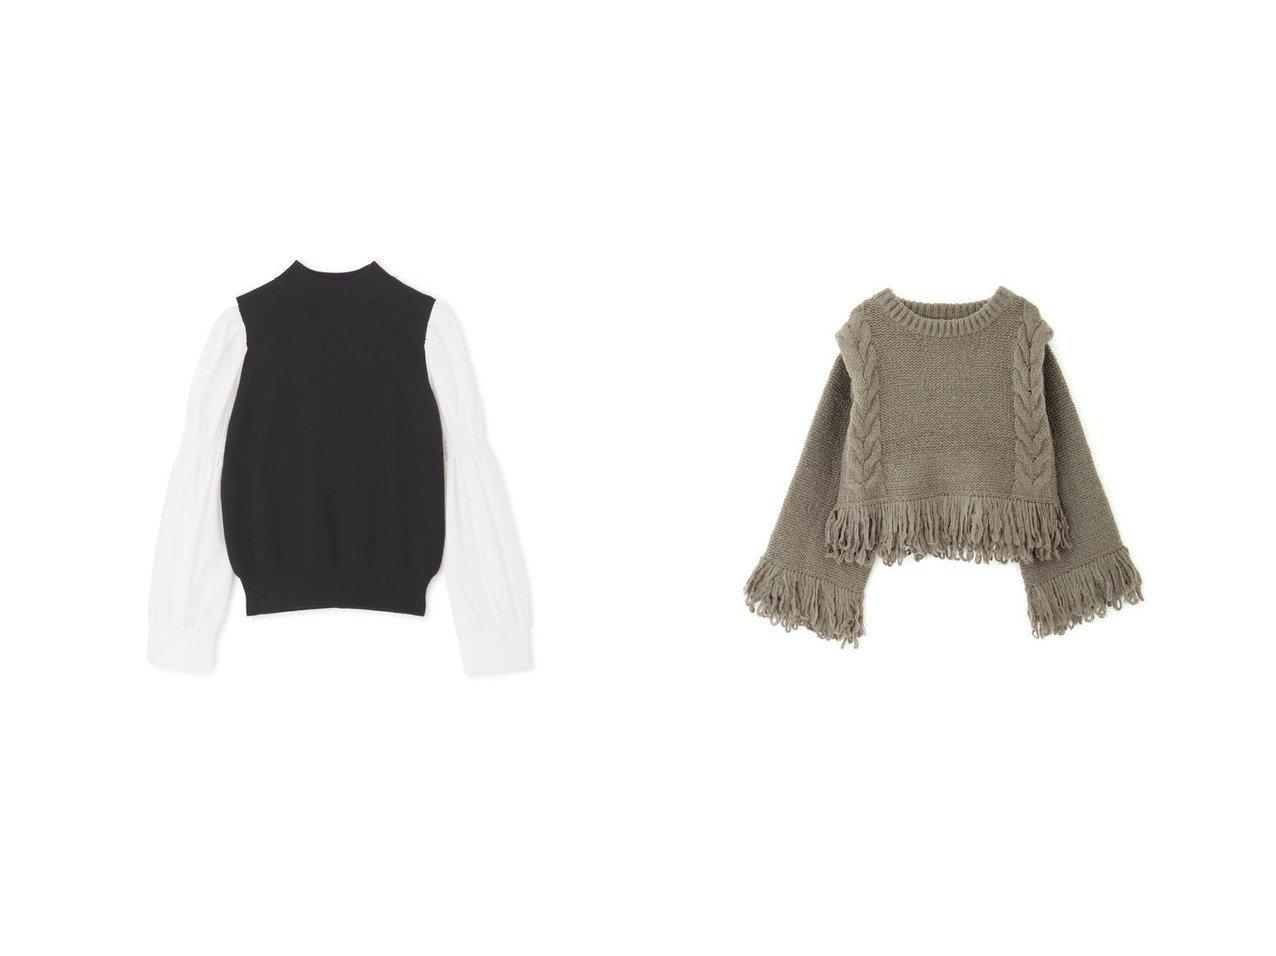 【FREE'S MART/フリーズマート】のループフリンジニット&布帛ドッキングハイネックボリュームスリーブニット おすすめ!人気トレンド・レディースファッションの通販 おすすめで人気のファッション通販商品 インテリア・家具・キッズファッション・メンズファッション・レディースファッション・服の通販 founy(ファニー) https://founy.com/ ファッション Fashion レディース WOMEN トップス Tops Tshirt ニット Knit Tops ボリュームスリーブ / フリル袖 Volume Sleeve コンパクト コンビ スリーブ セーター トレンド ドッキング ハイネック 人気 ショルダー バランス フリンジ ループ |ID:crp329100000006451